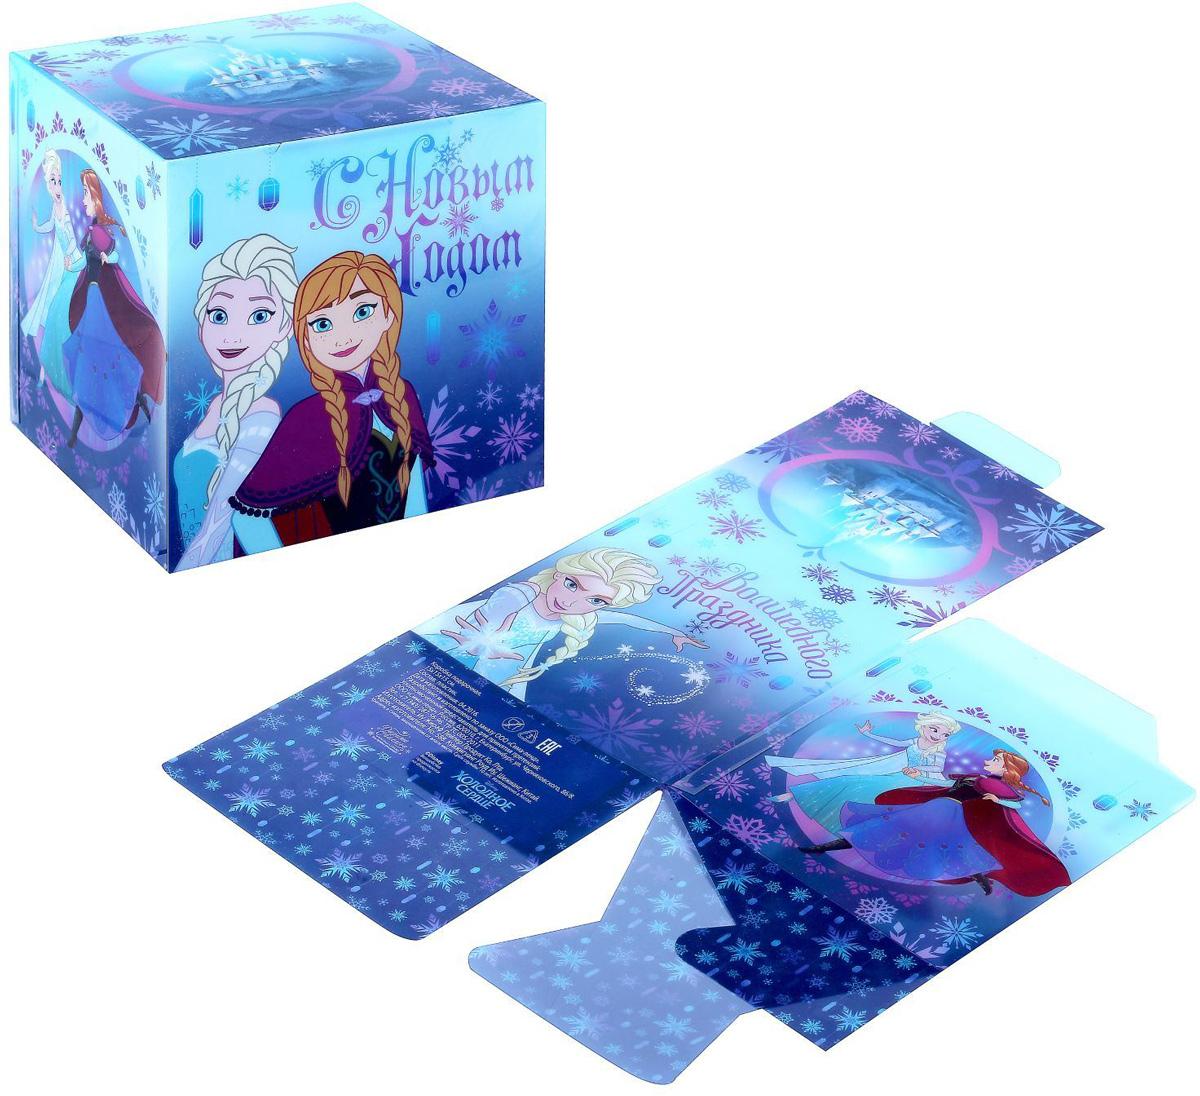 Коробка складная Disney Волшебного праздника! Холодное сердце, 15 х 15 х 15 см1426875Коробка складная Disney Волшебного праздника! Холодное сердце выполнена из пластика. Любой подарок начинается с упаковки. Что может быть трогательнее и волшебнее, чем ритуал разворачивания полученного презента. И именно оригинальная, со вкусом выбранная упаковка выделит ваш подарок из массы других. Она продемонстрирует самые теплые чувства к виновнику торжества и создаст сказочную атмосферу праздника. Размер коробки в сложенном виде: 15 х 15 х 15 см.